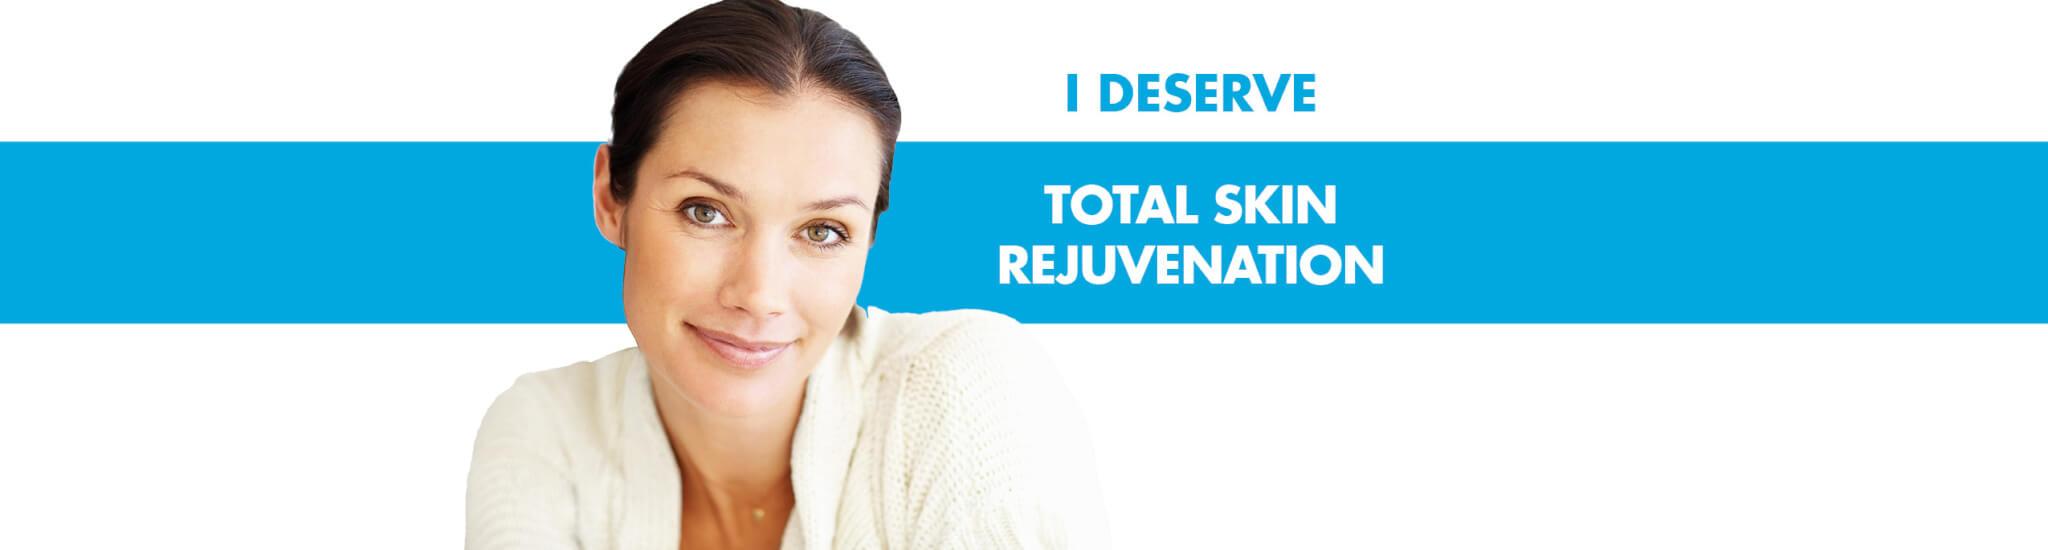 I Deserve Total Skin Rejuvenation